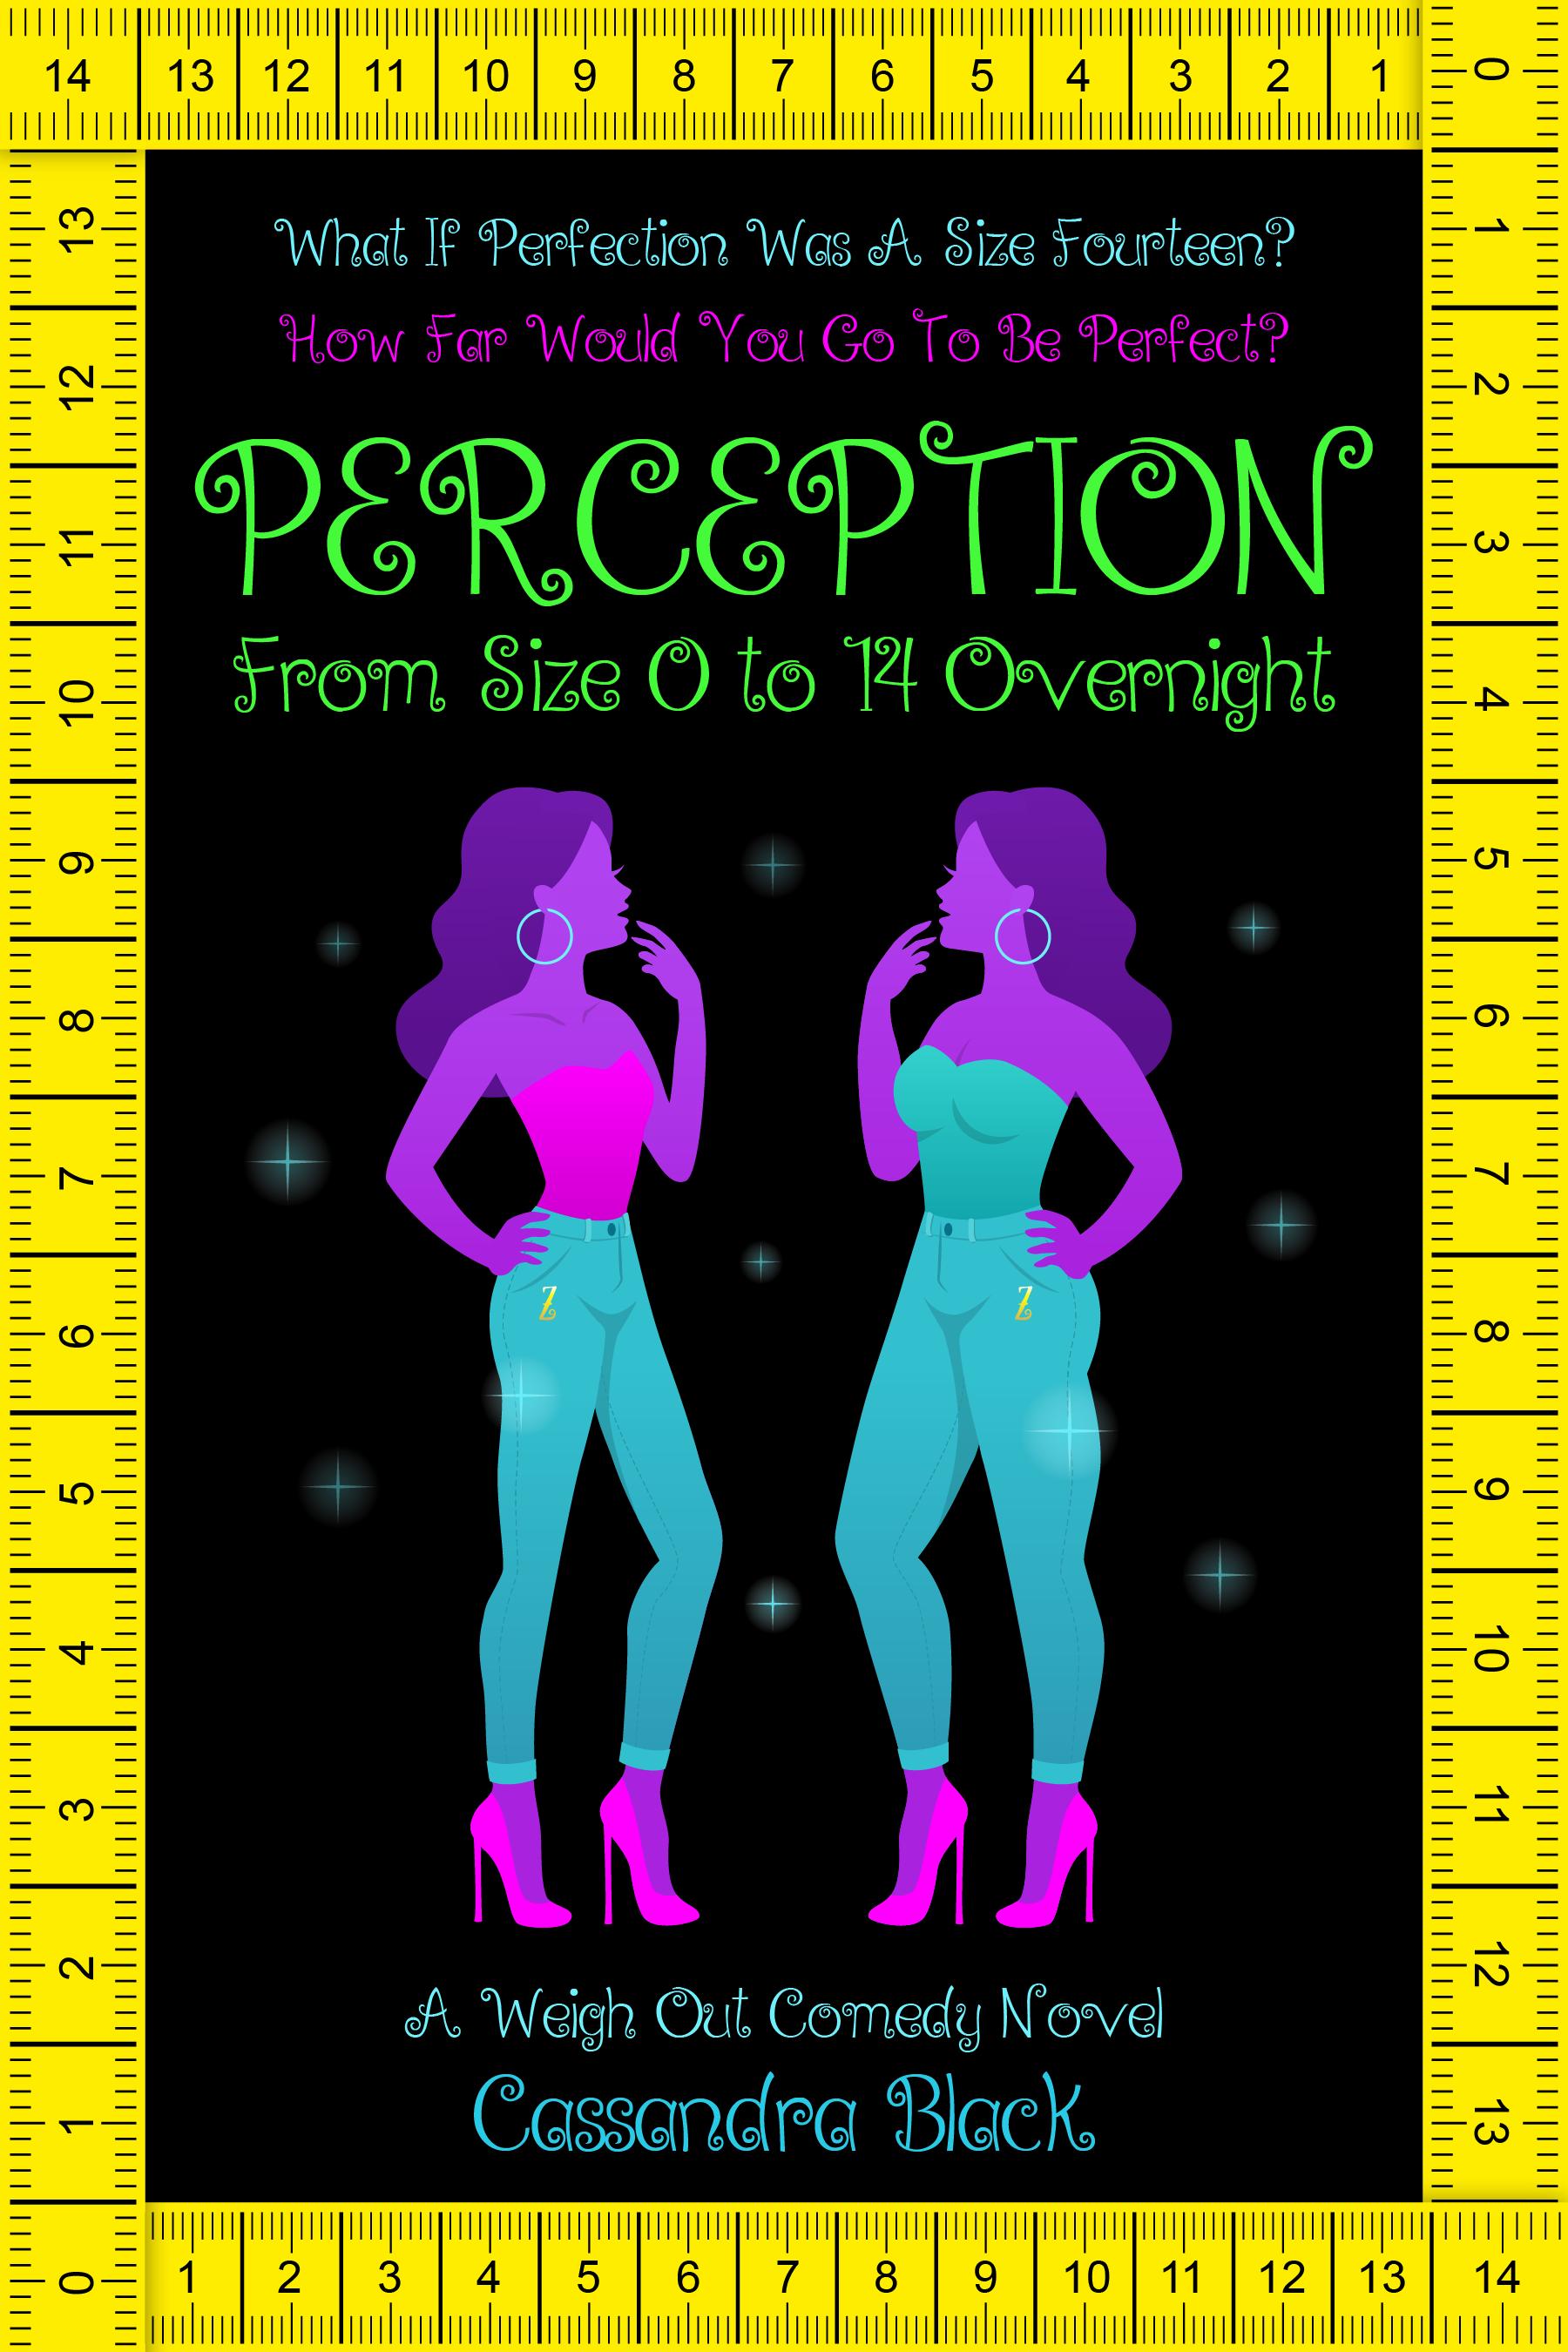 Female Comedy Book Cover